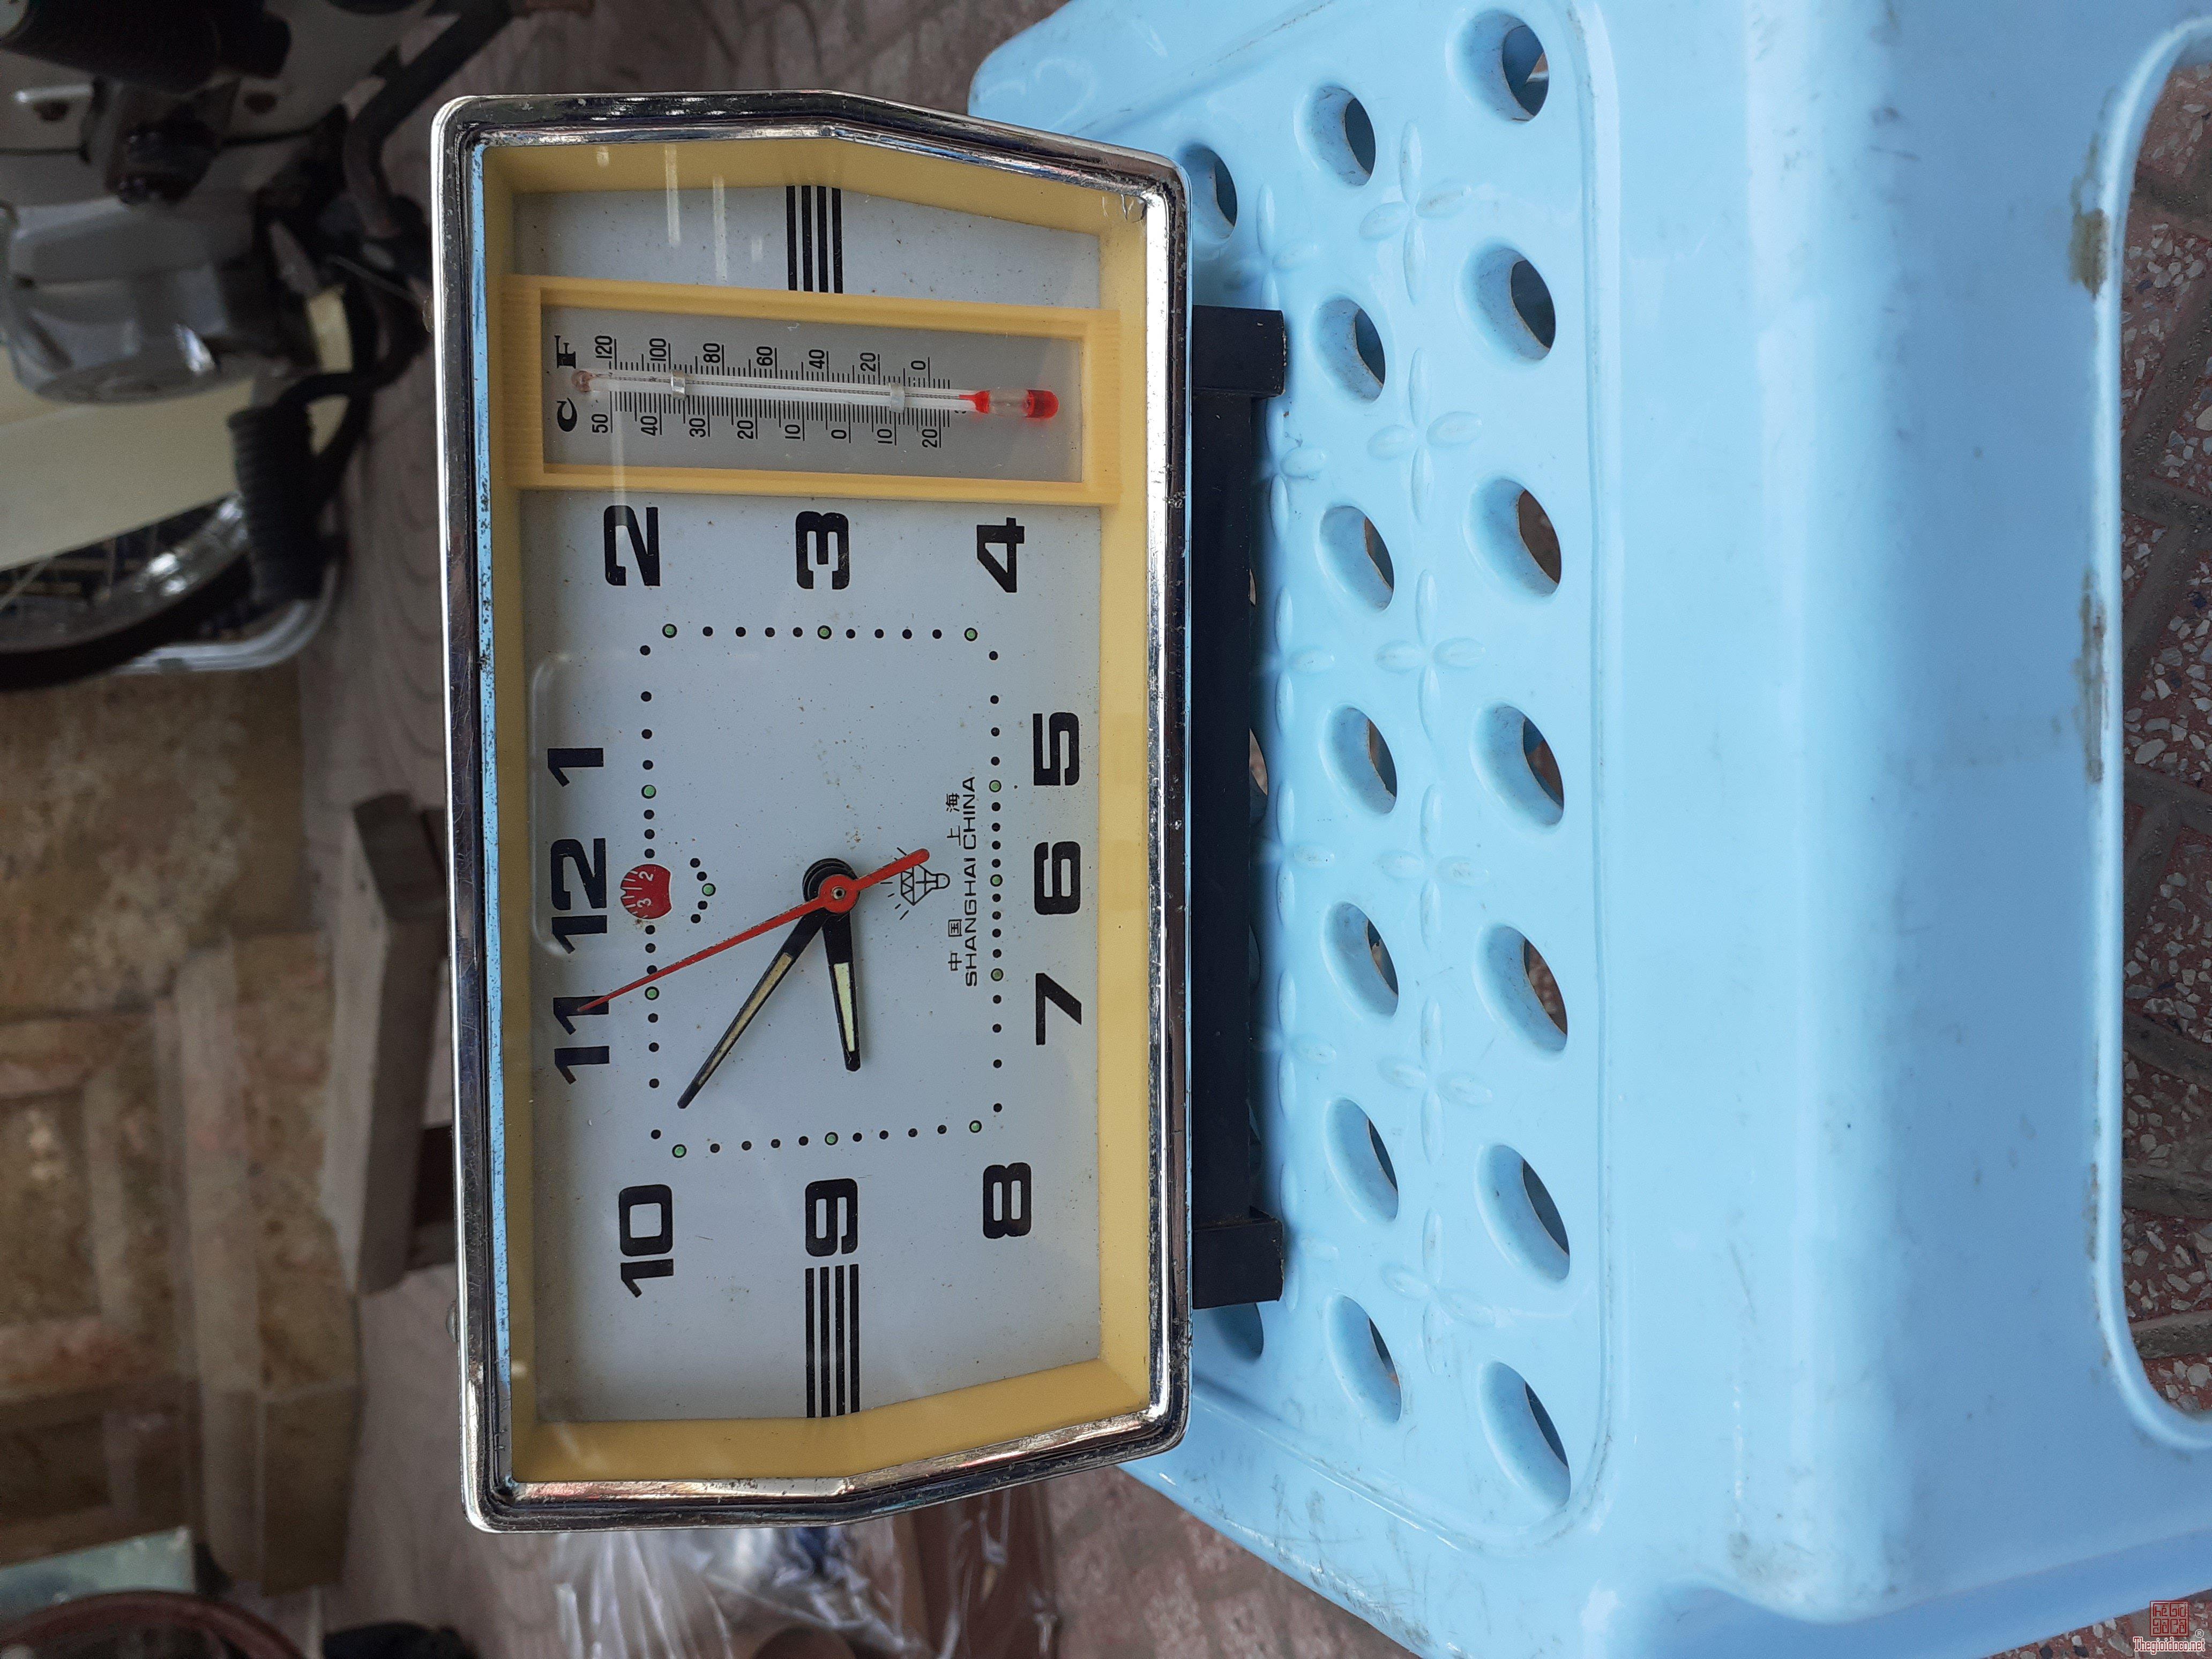 Đồng hồ nhiệt độ xưa